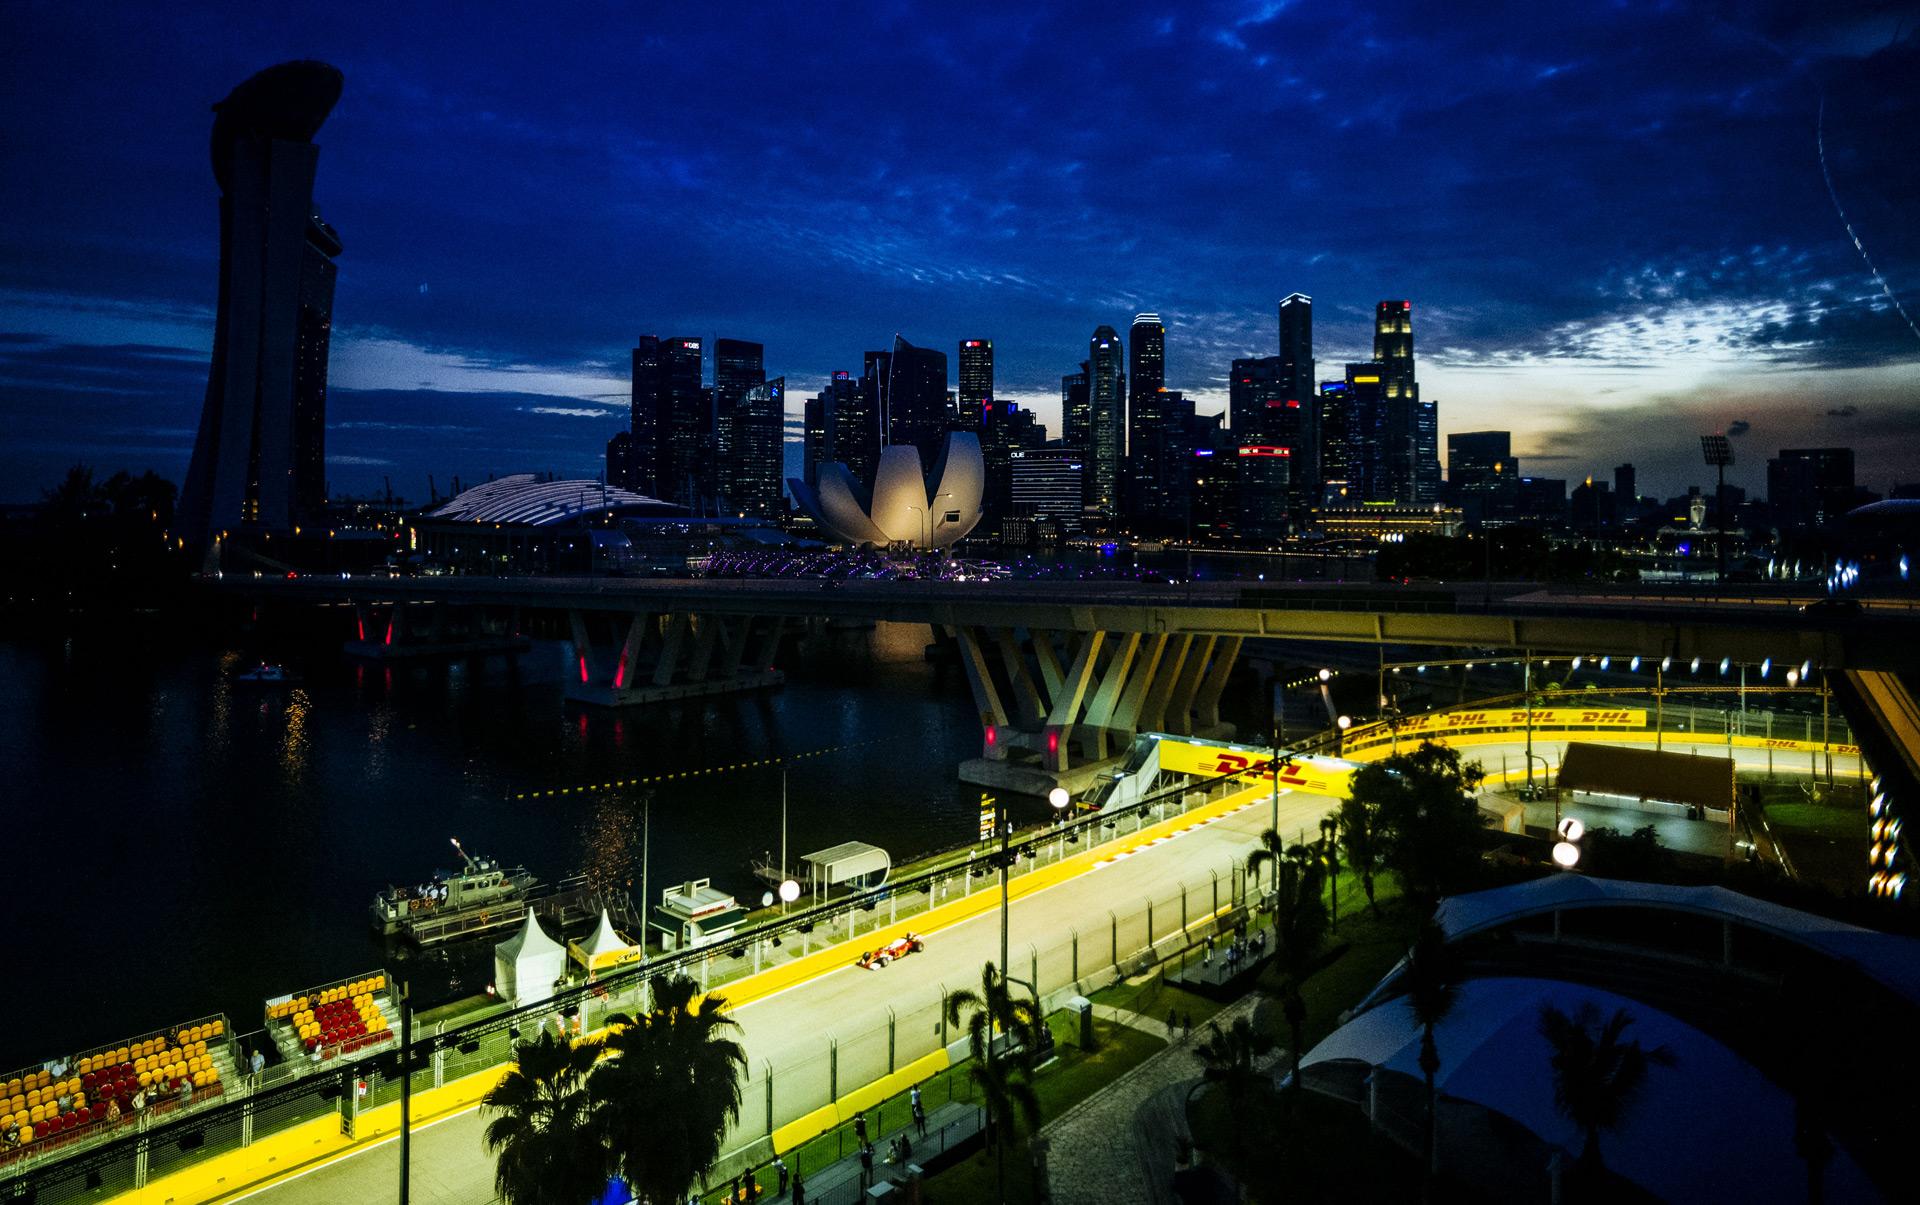 2016 Formula One Singapore Grand Prix Preview